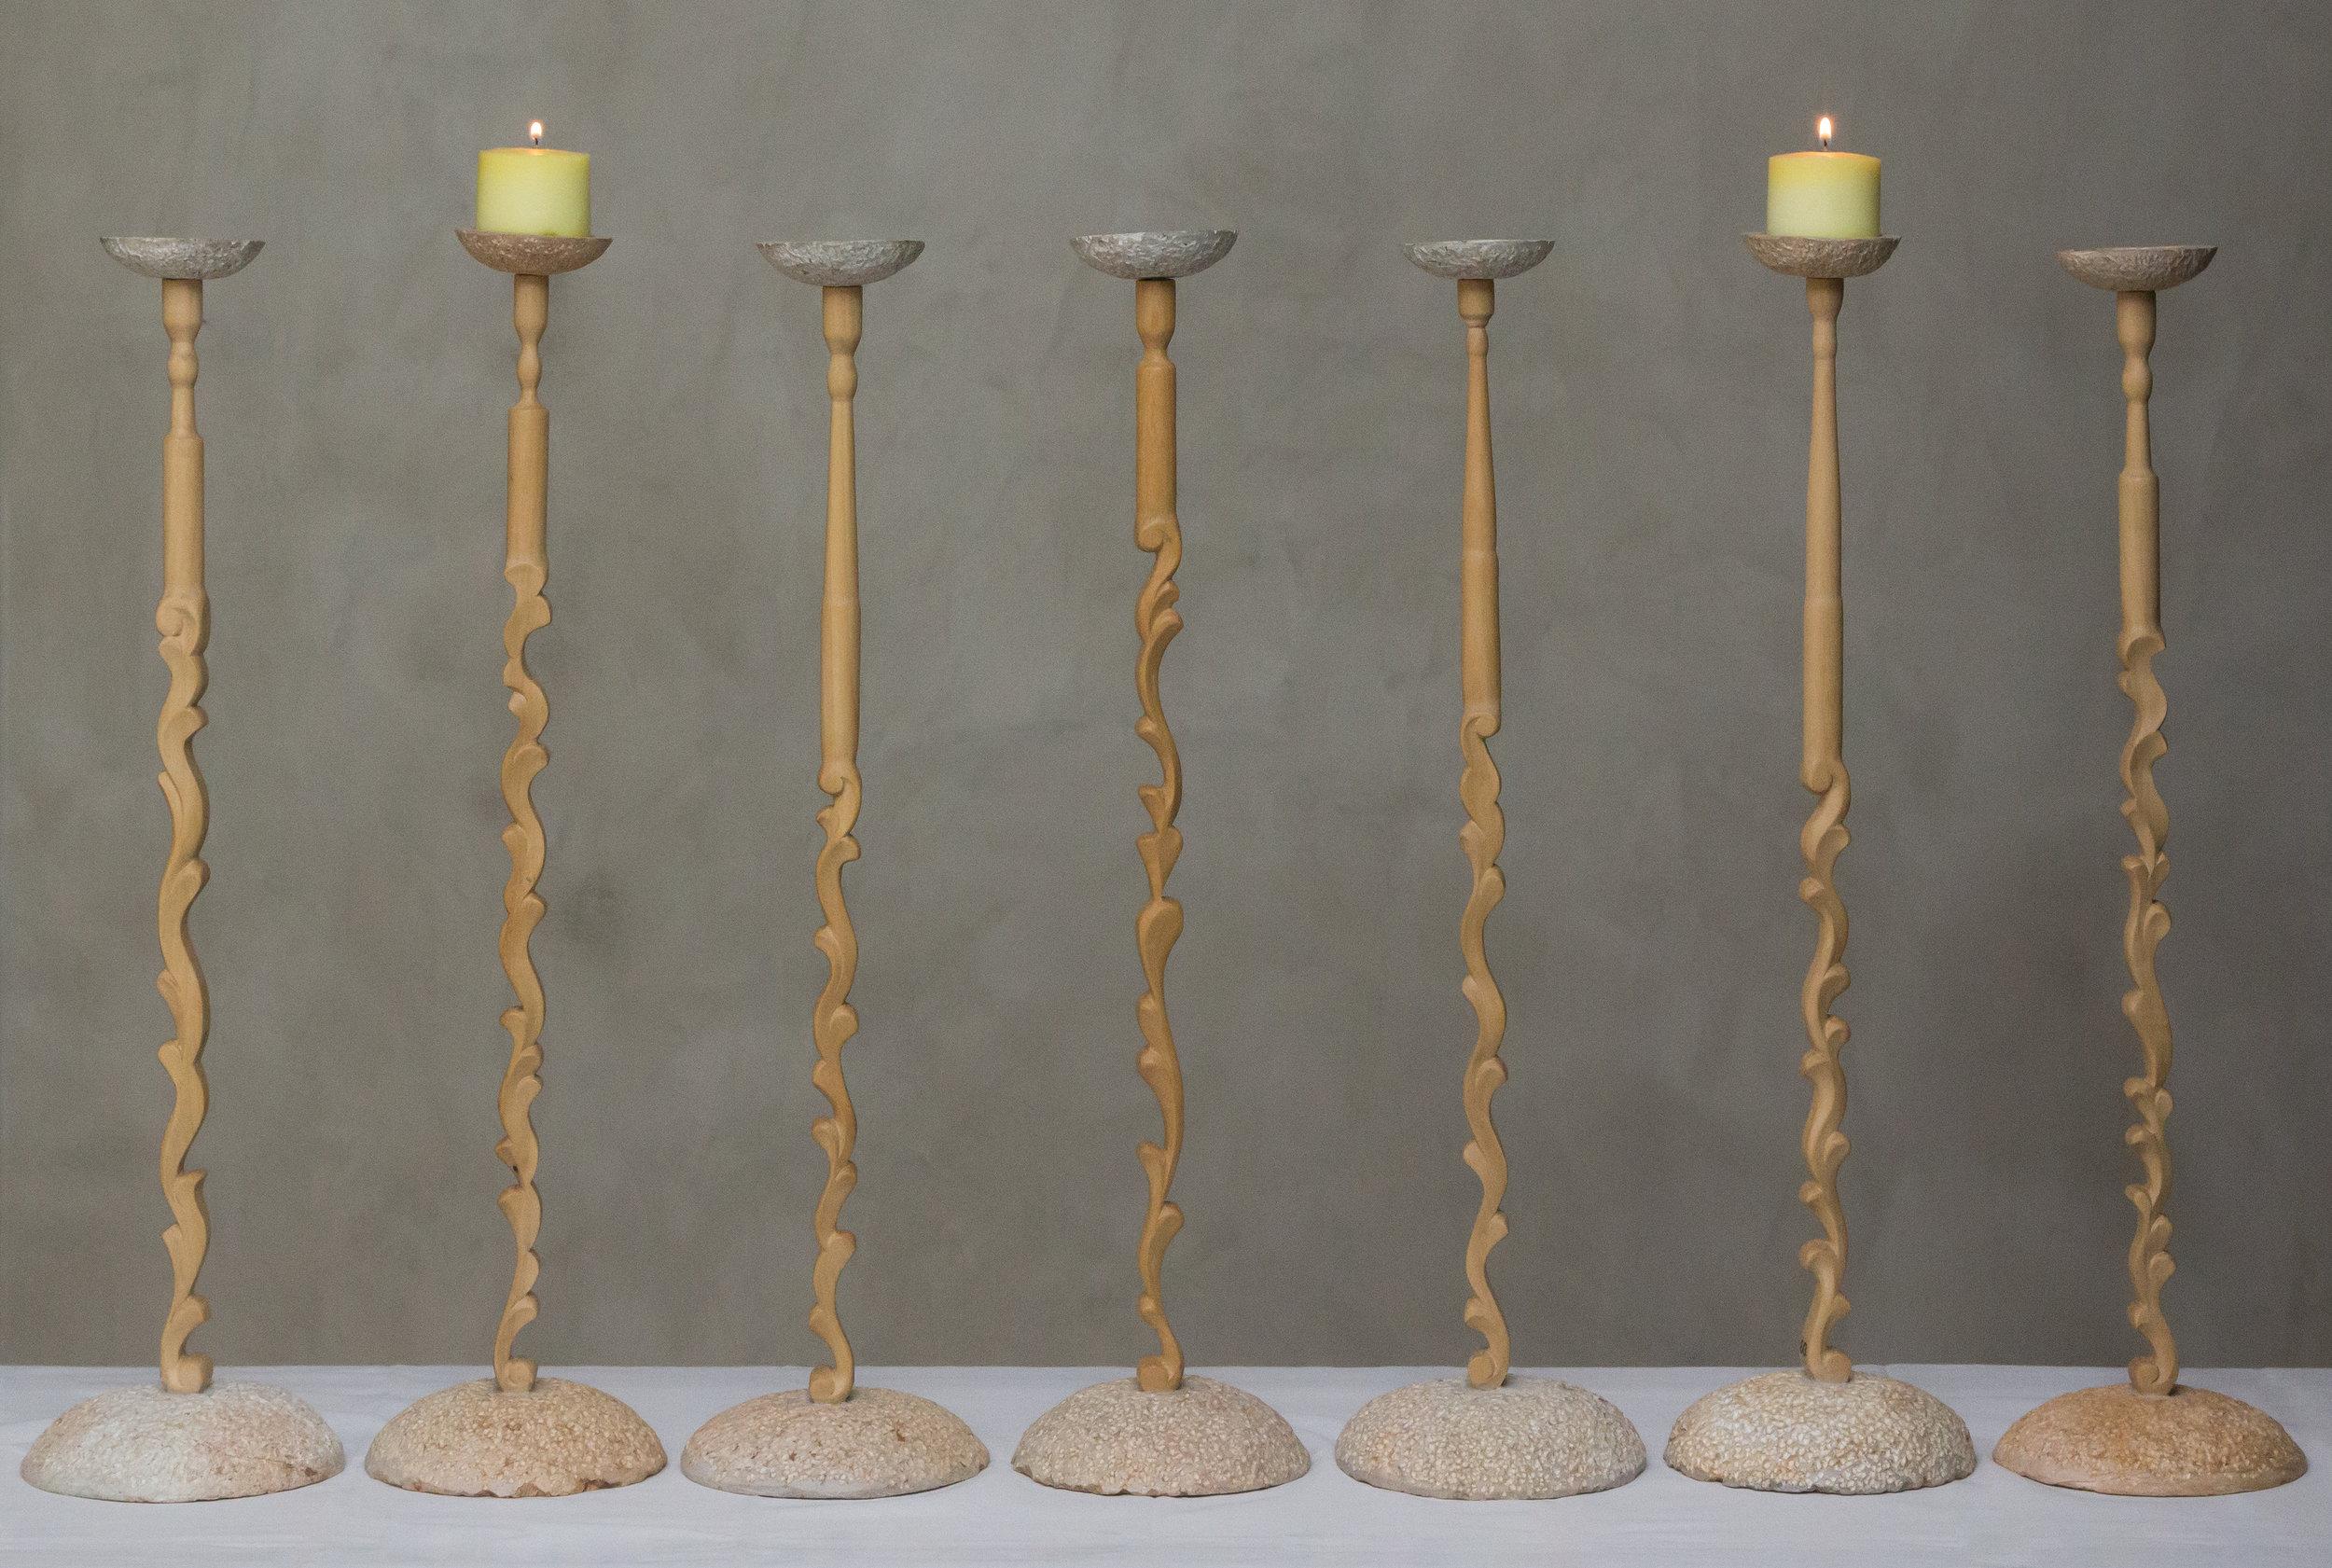 candle-holder-castiçal-Torre-de-marfim-EduardoBorem